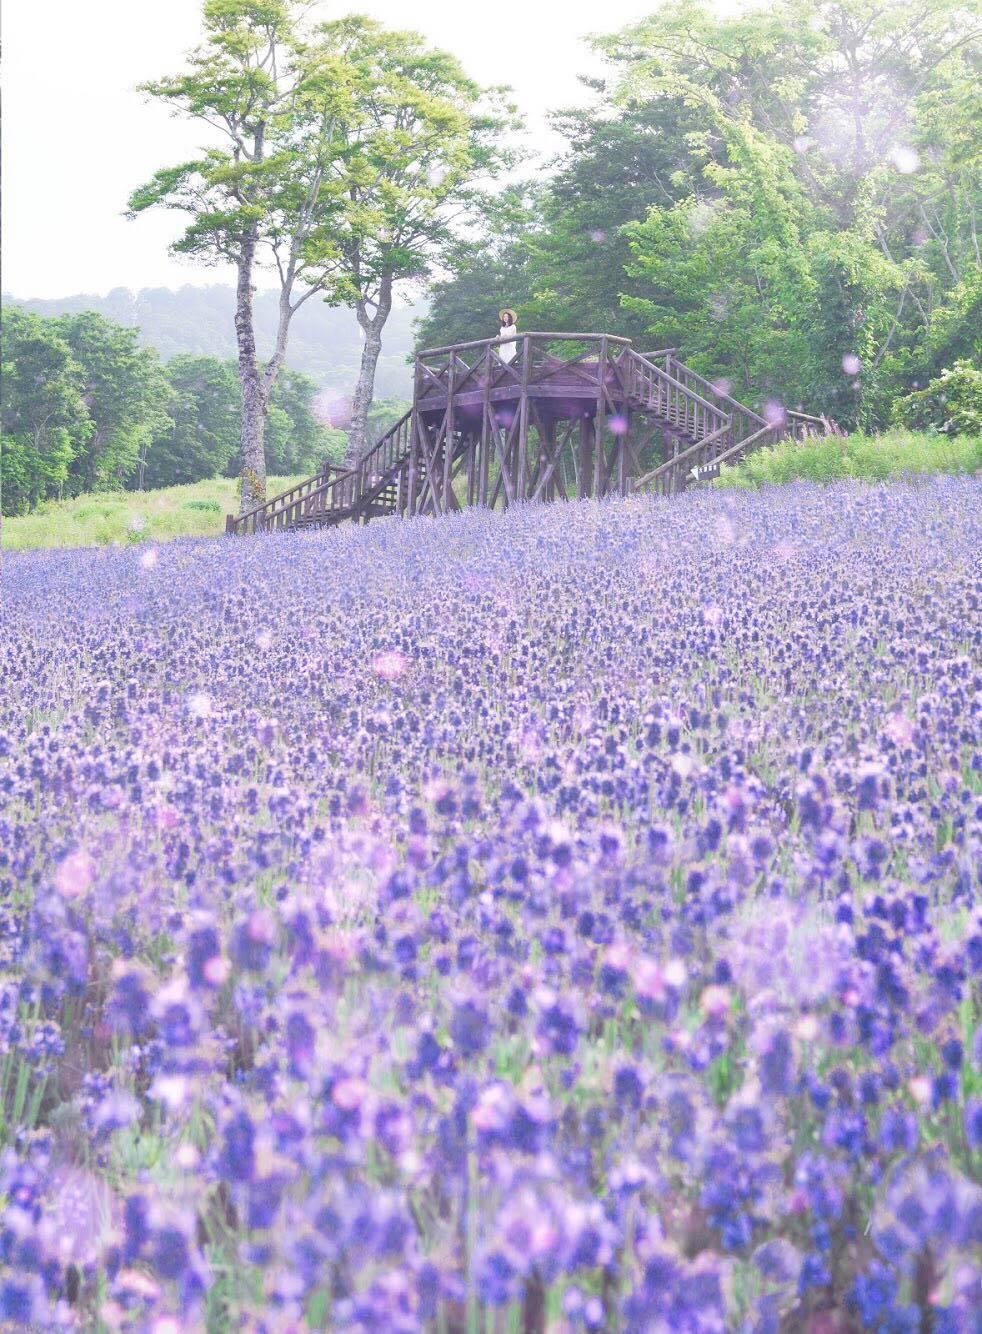 5万株のラベンダーが香る初夏の高原♪ 《期間限定》40種類のイタリアンバイキング 3時のおやつ💖青い実パクパク♪ブルーベリー狩り【女性限定バスツアー】